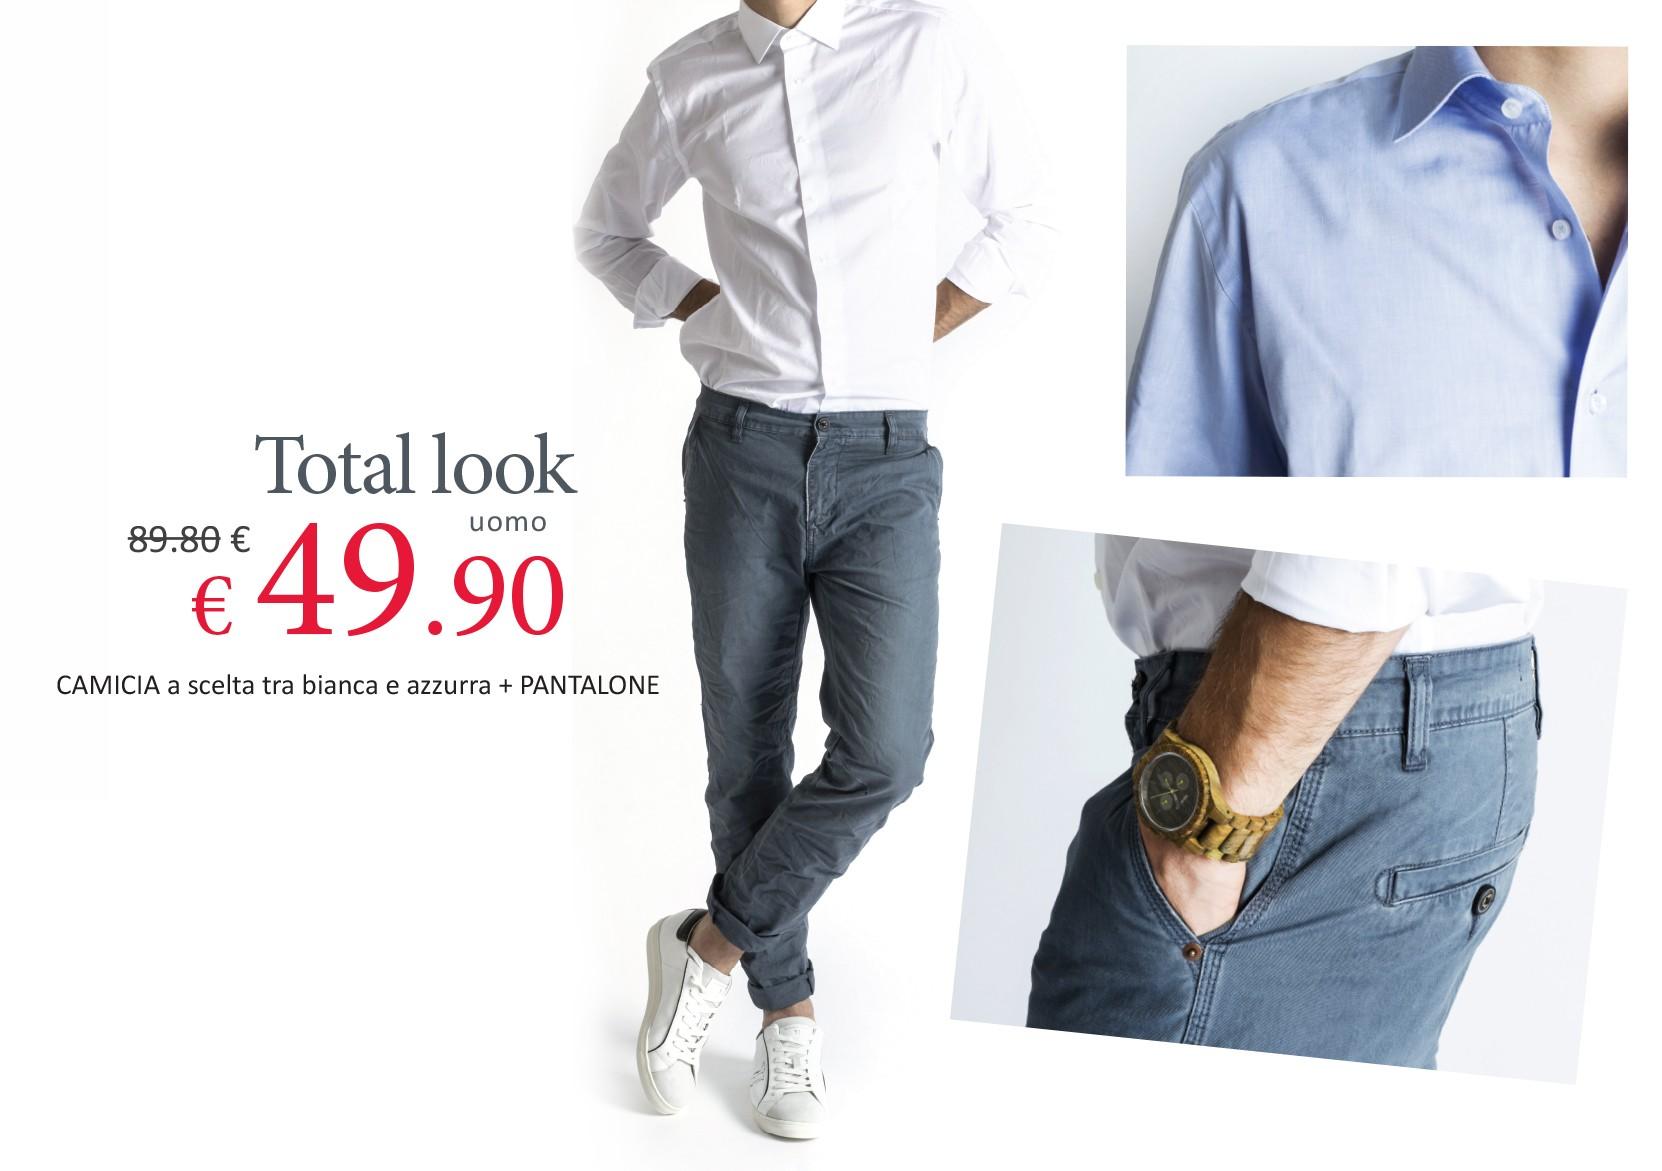 Euro Look Shop A Total Online 90 49 Quellogiusto Uomo a4qawdX